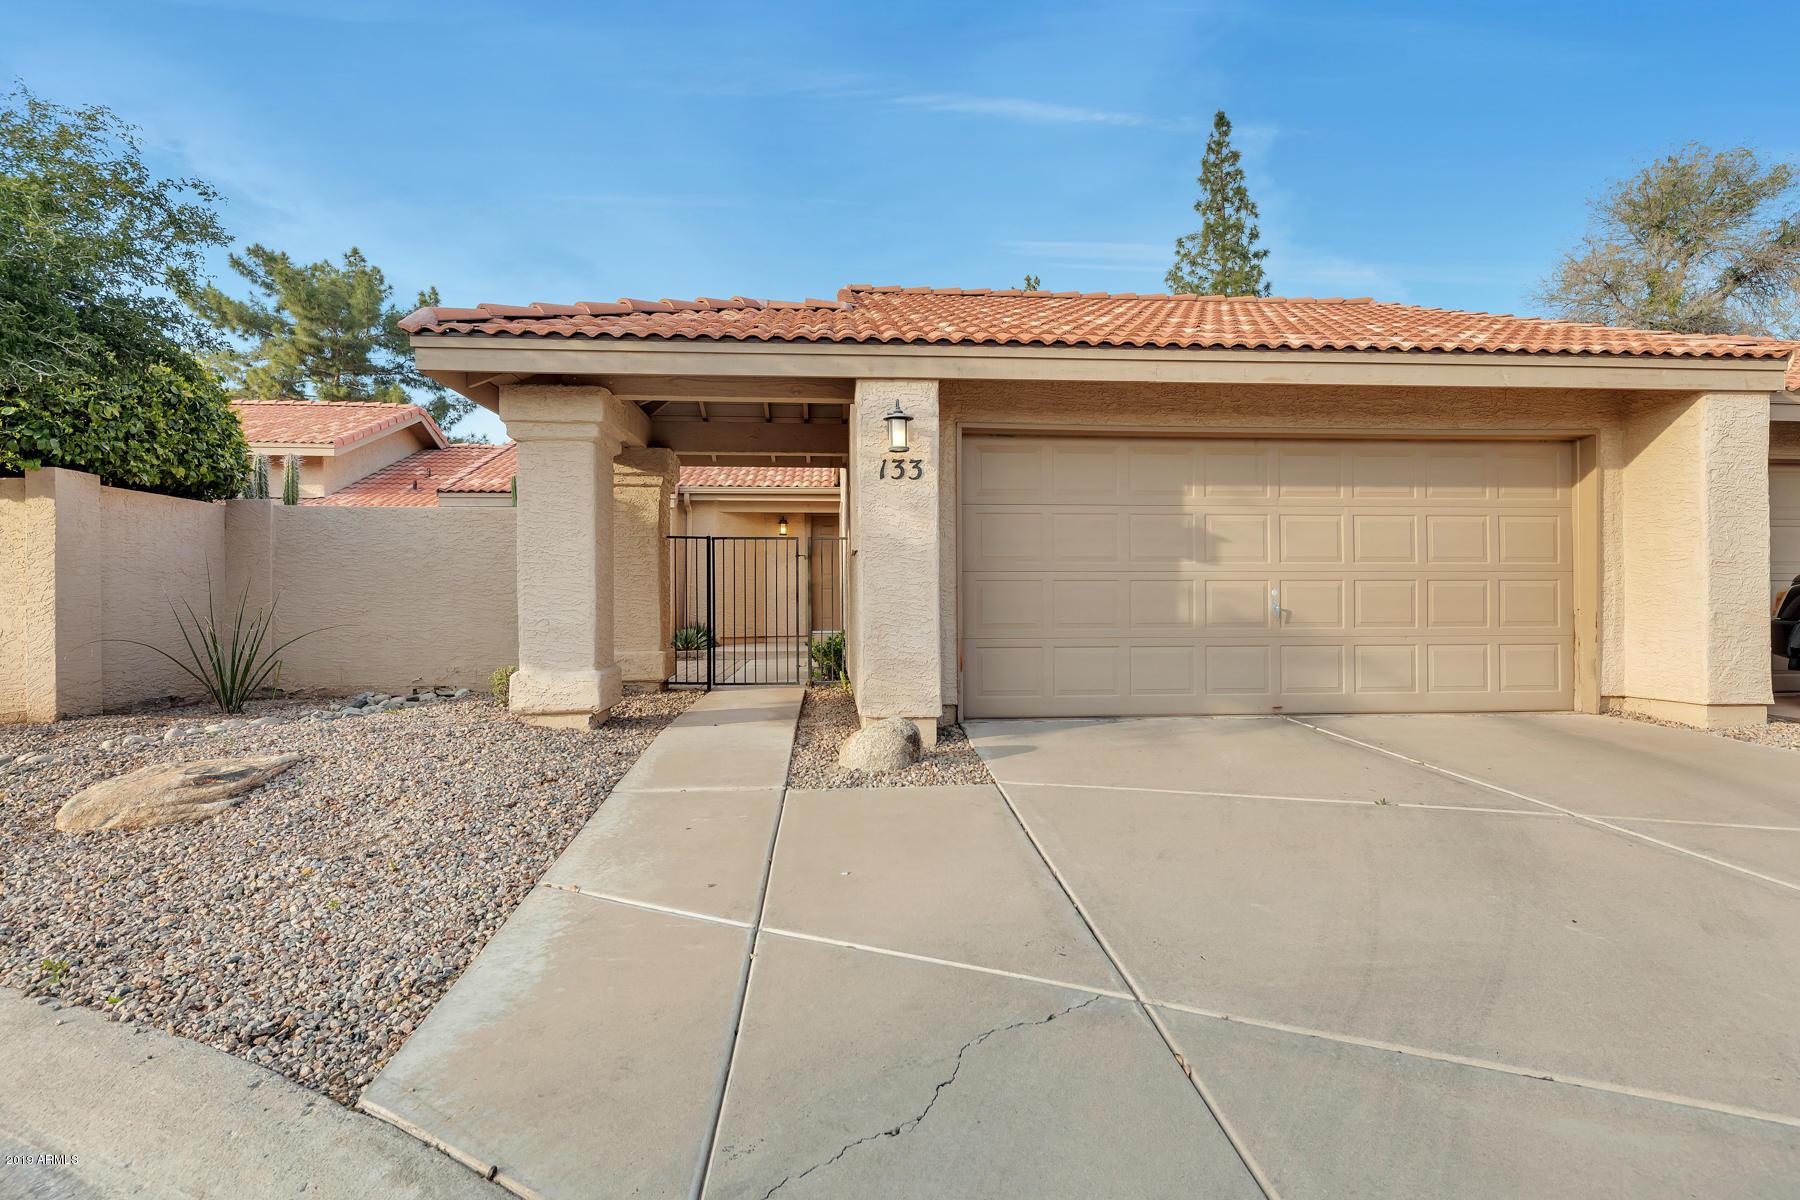 Photo of 945 N PASADENA -- #133, Mesa, AZ 85201